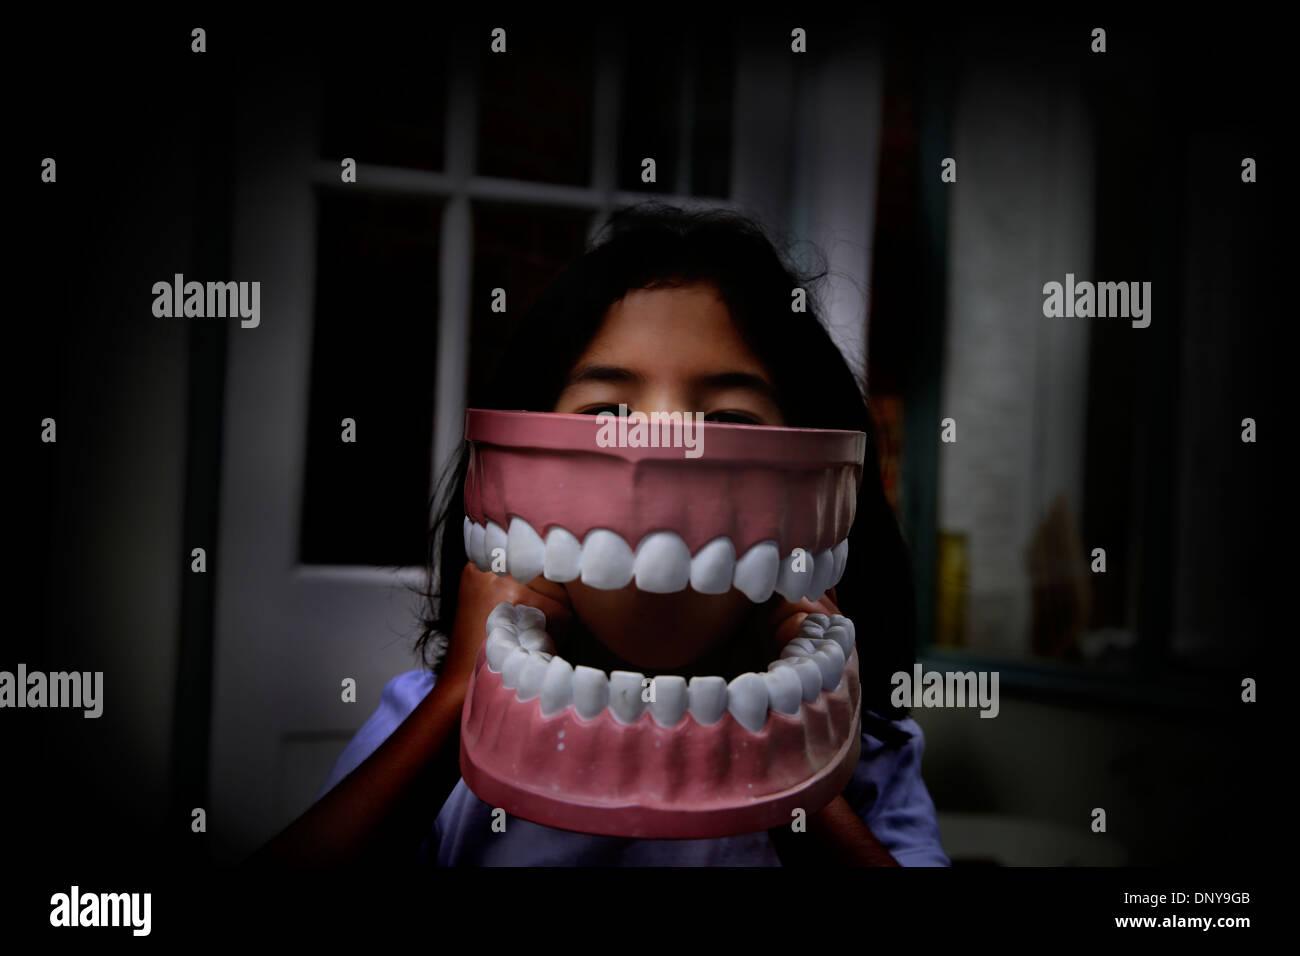 Kind spielt mit riesigen Spielzeug Zähne Stockbild